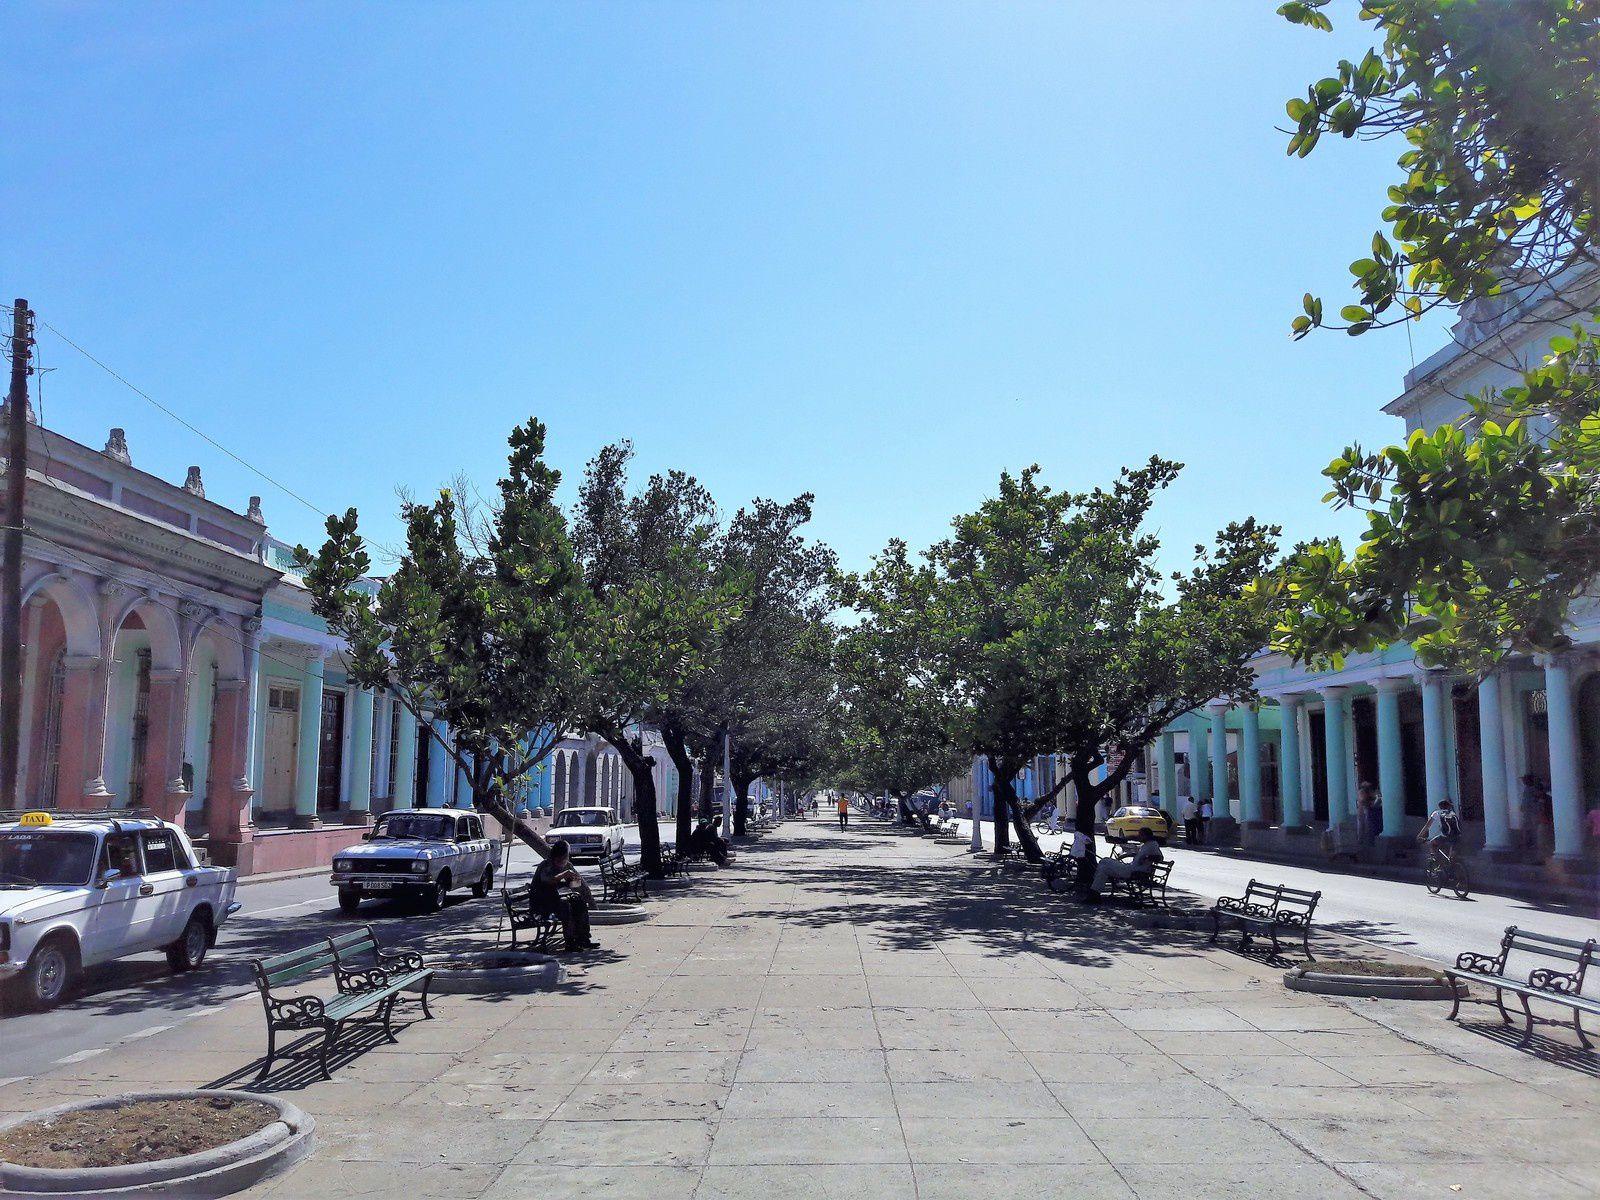 2017 (3) - Cuba : Cienfuegos